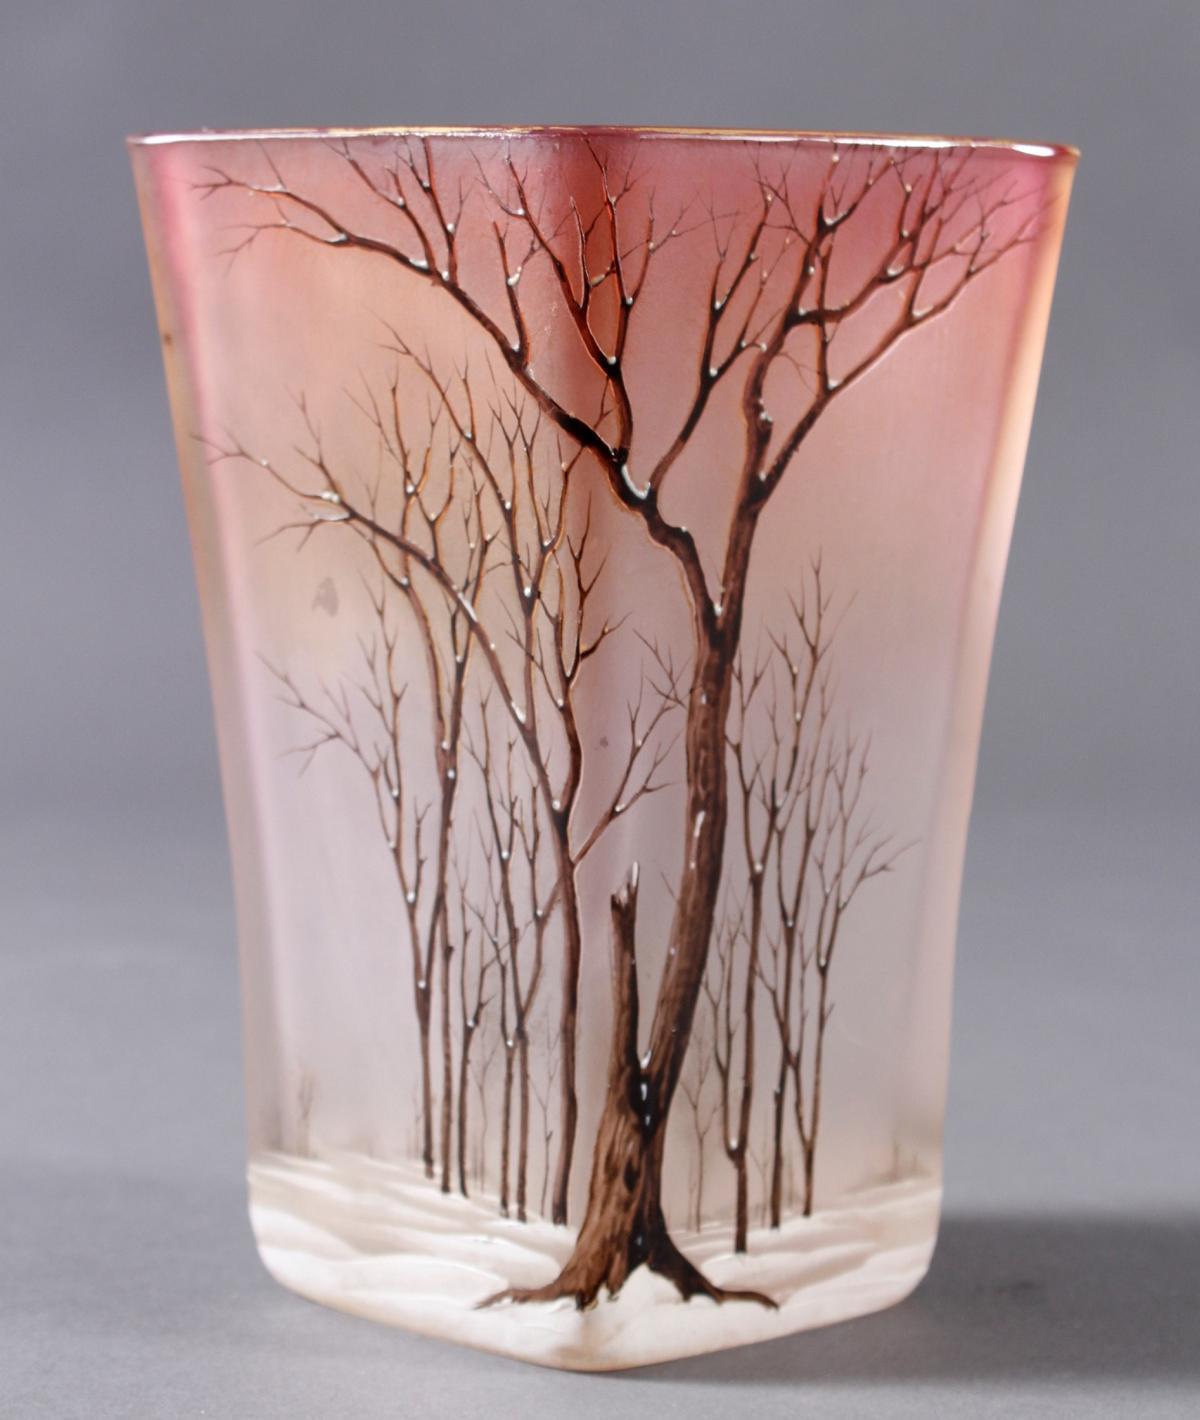 Jugendstil Glas Ziervase 'Paysage de neige', Frankreich um 1920-2